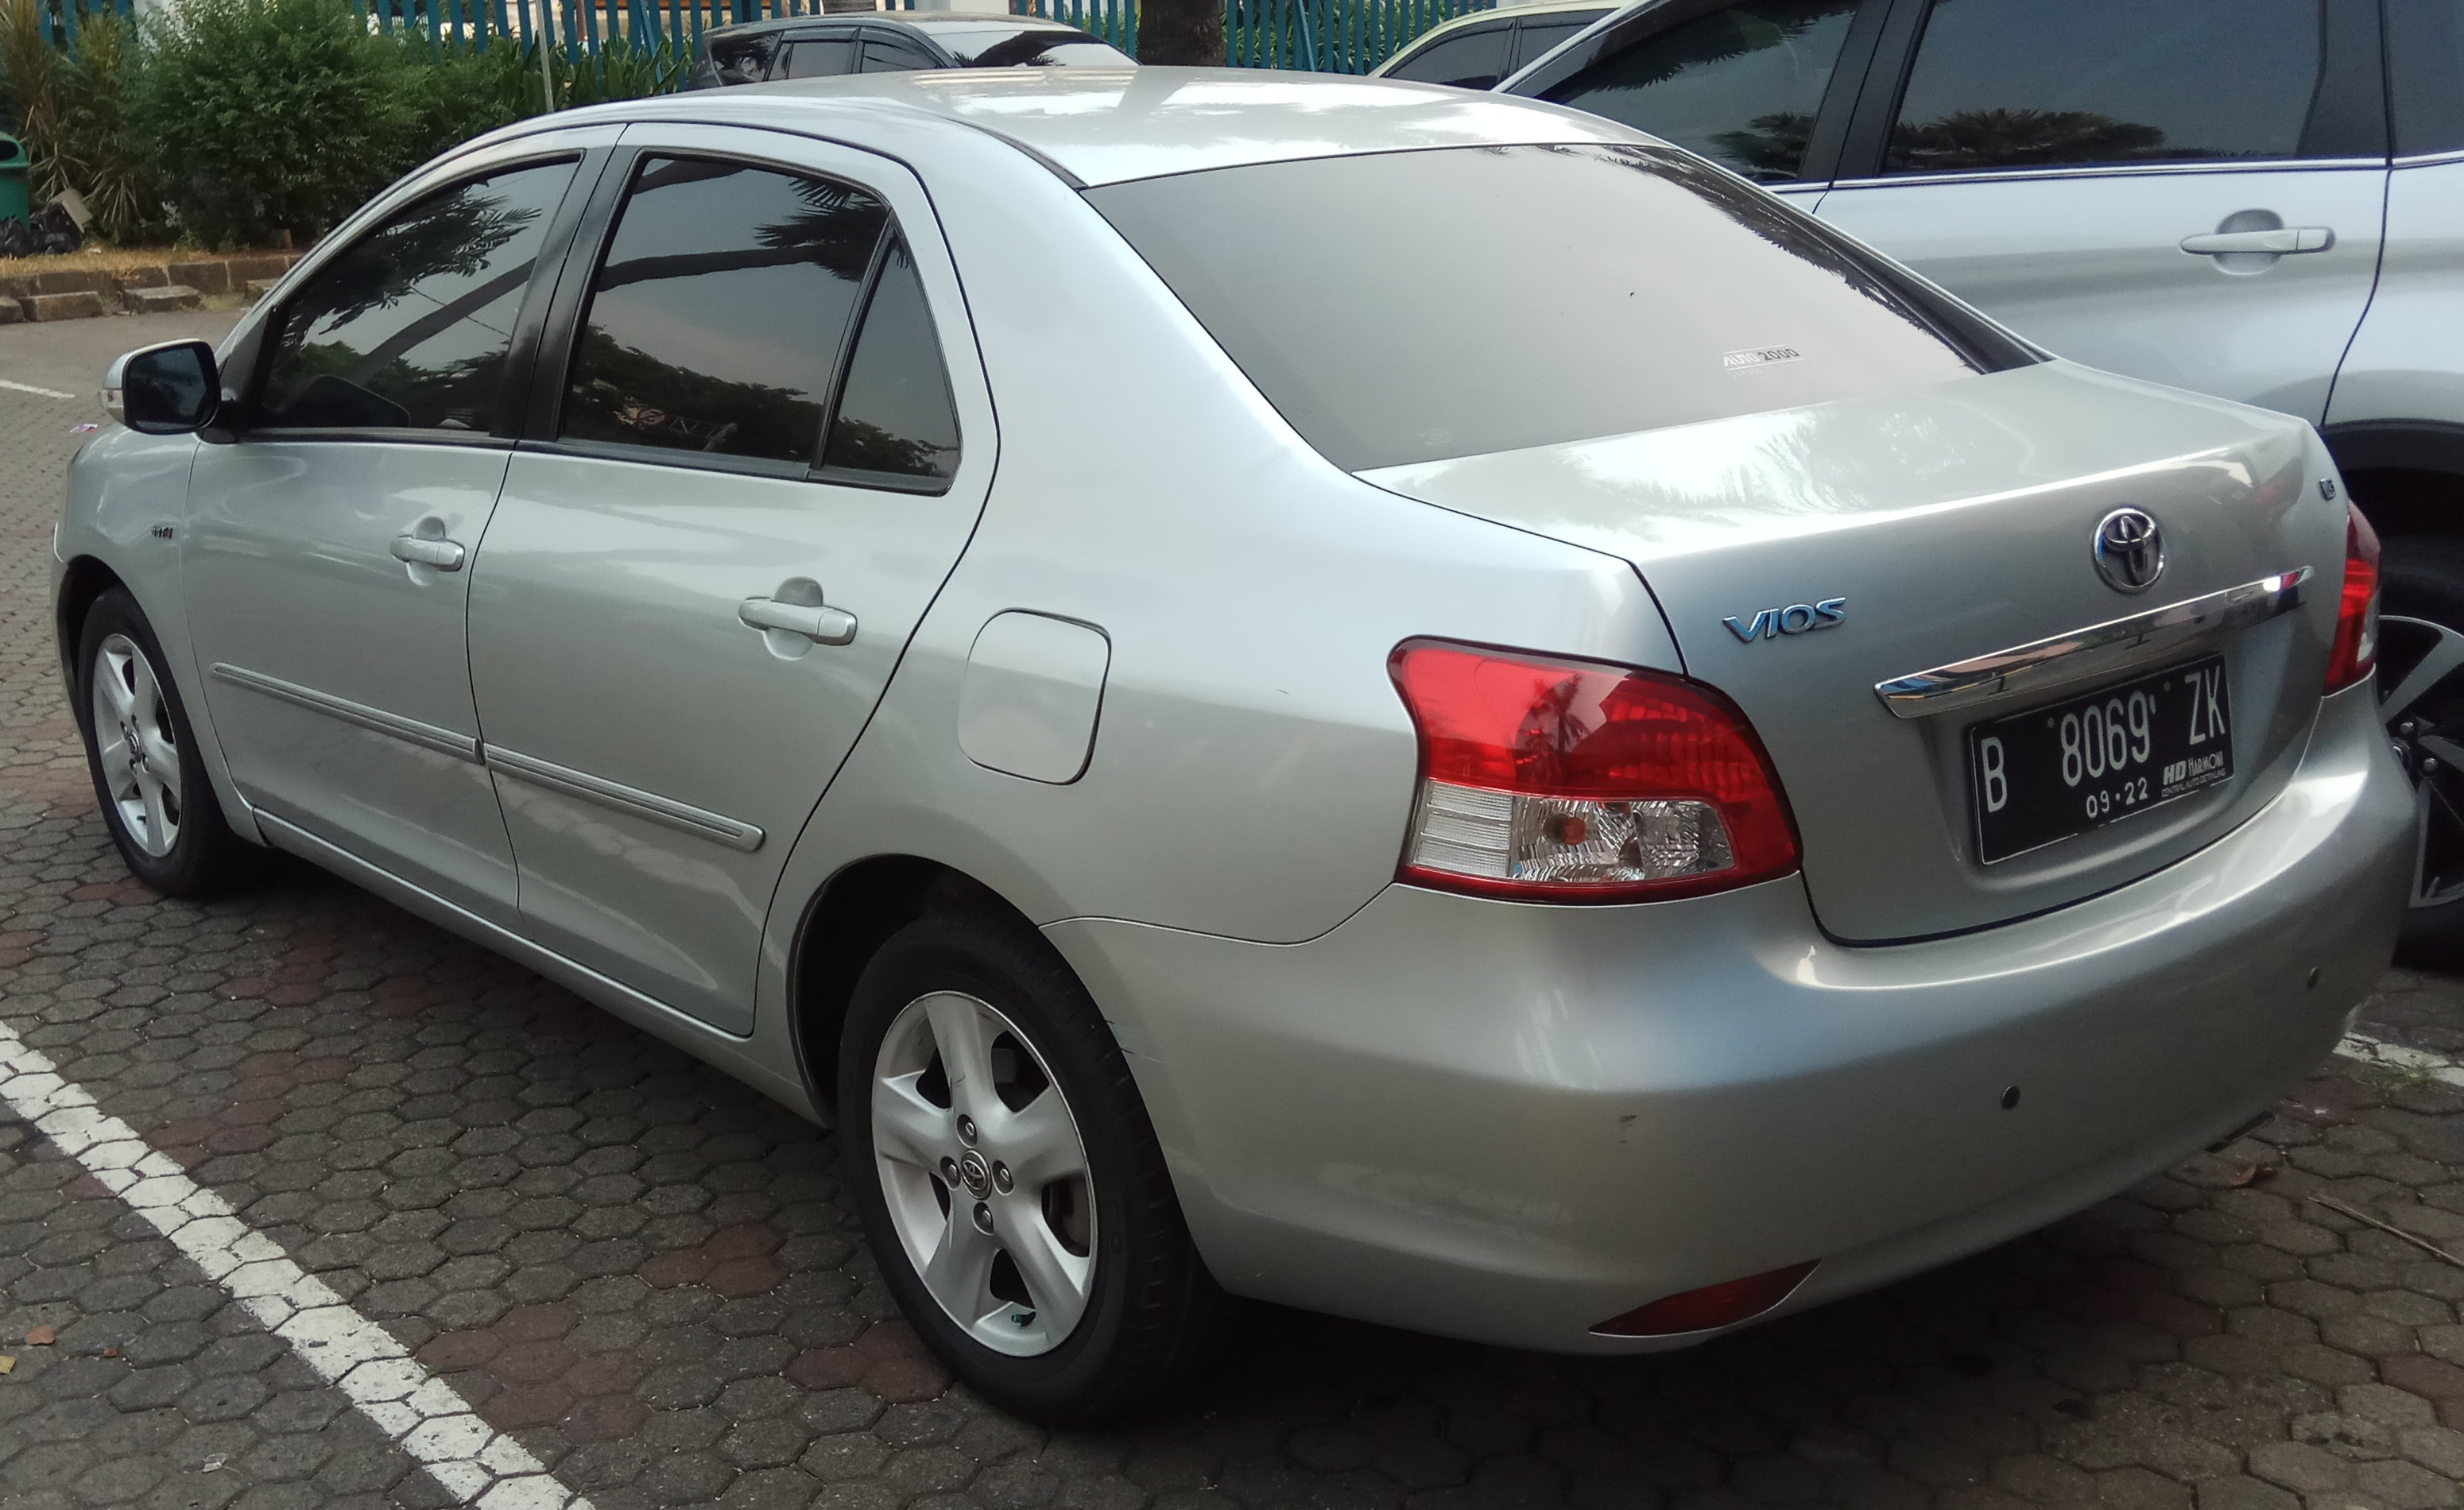 Kelebihan Kekurangan Toyota Vios 2007 Spesifikasi